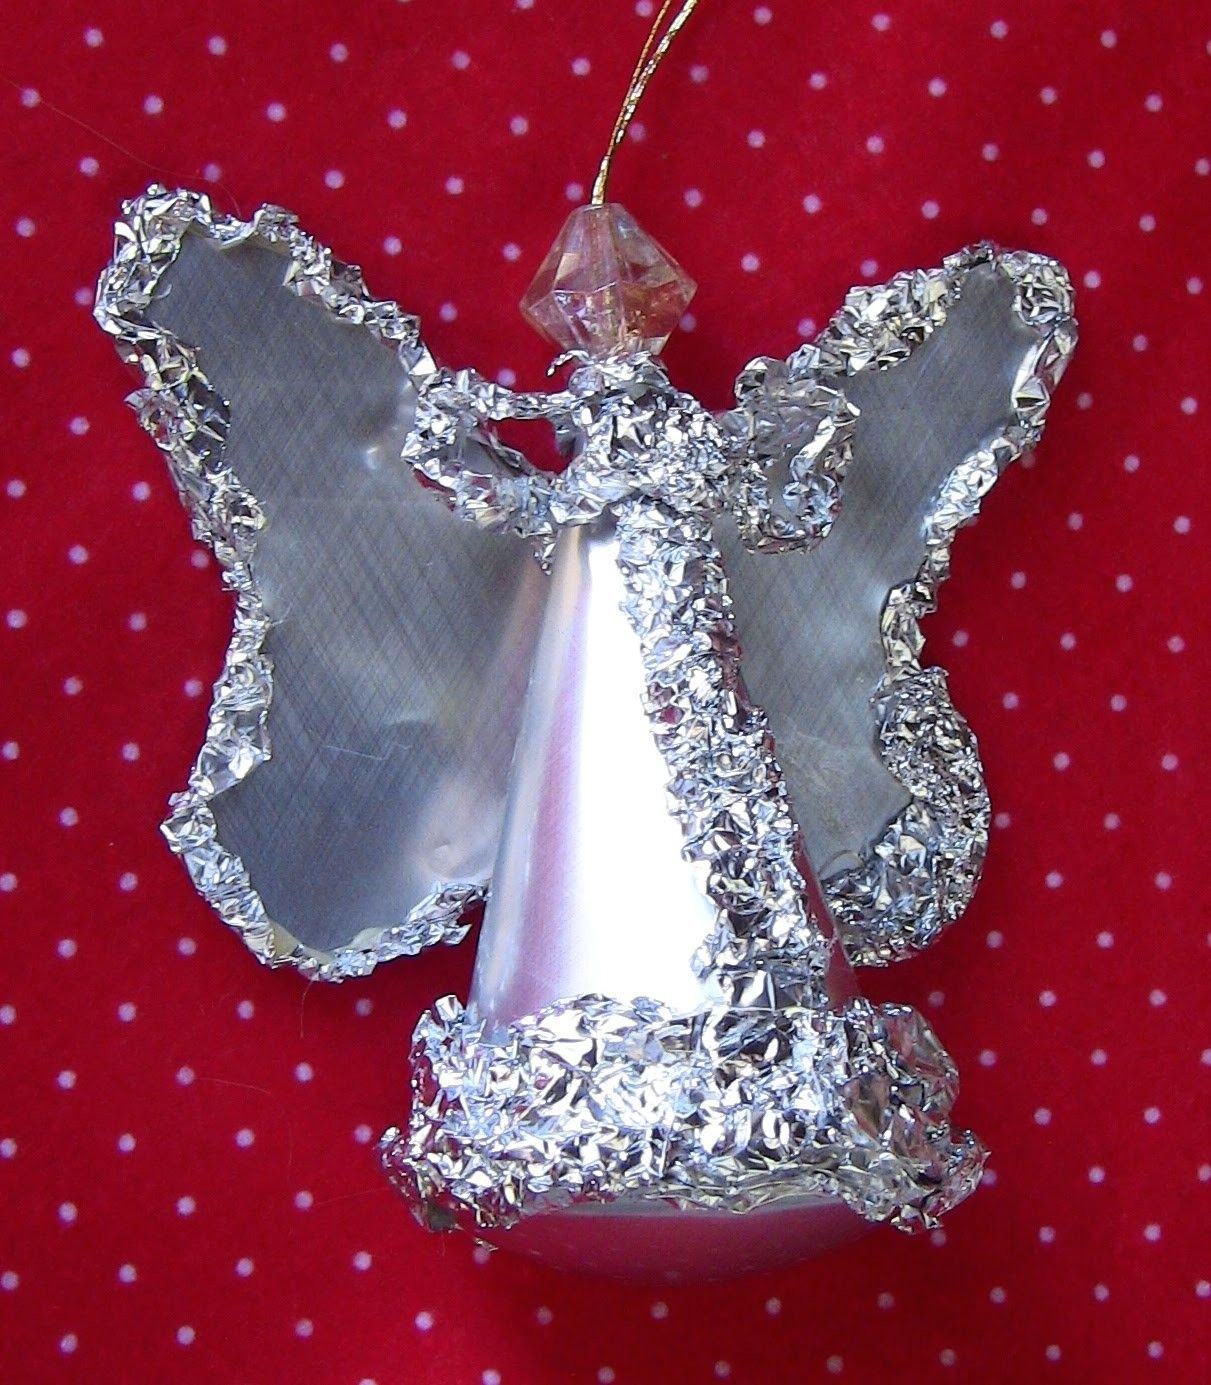 ESPECIAL NATAL - RECICLAGEM -Anjo de lata de coca cola - SPECIAL CHRISTMAS - RECYCLING